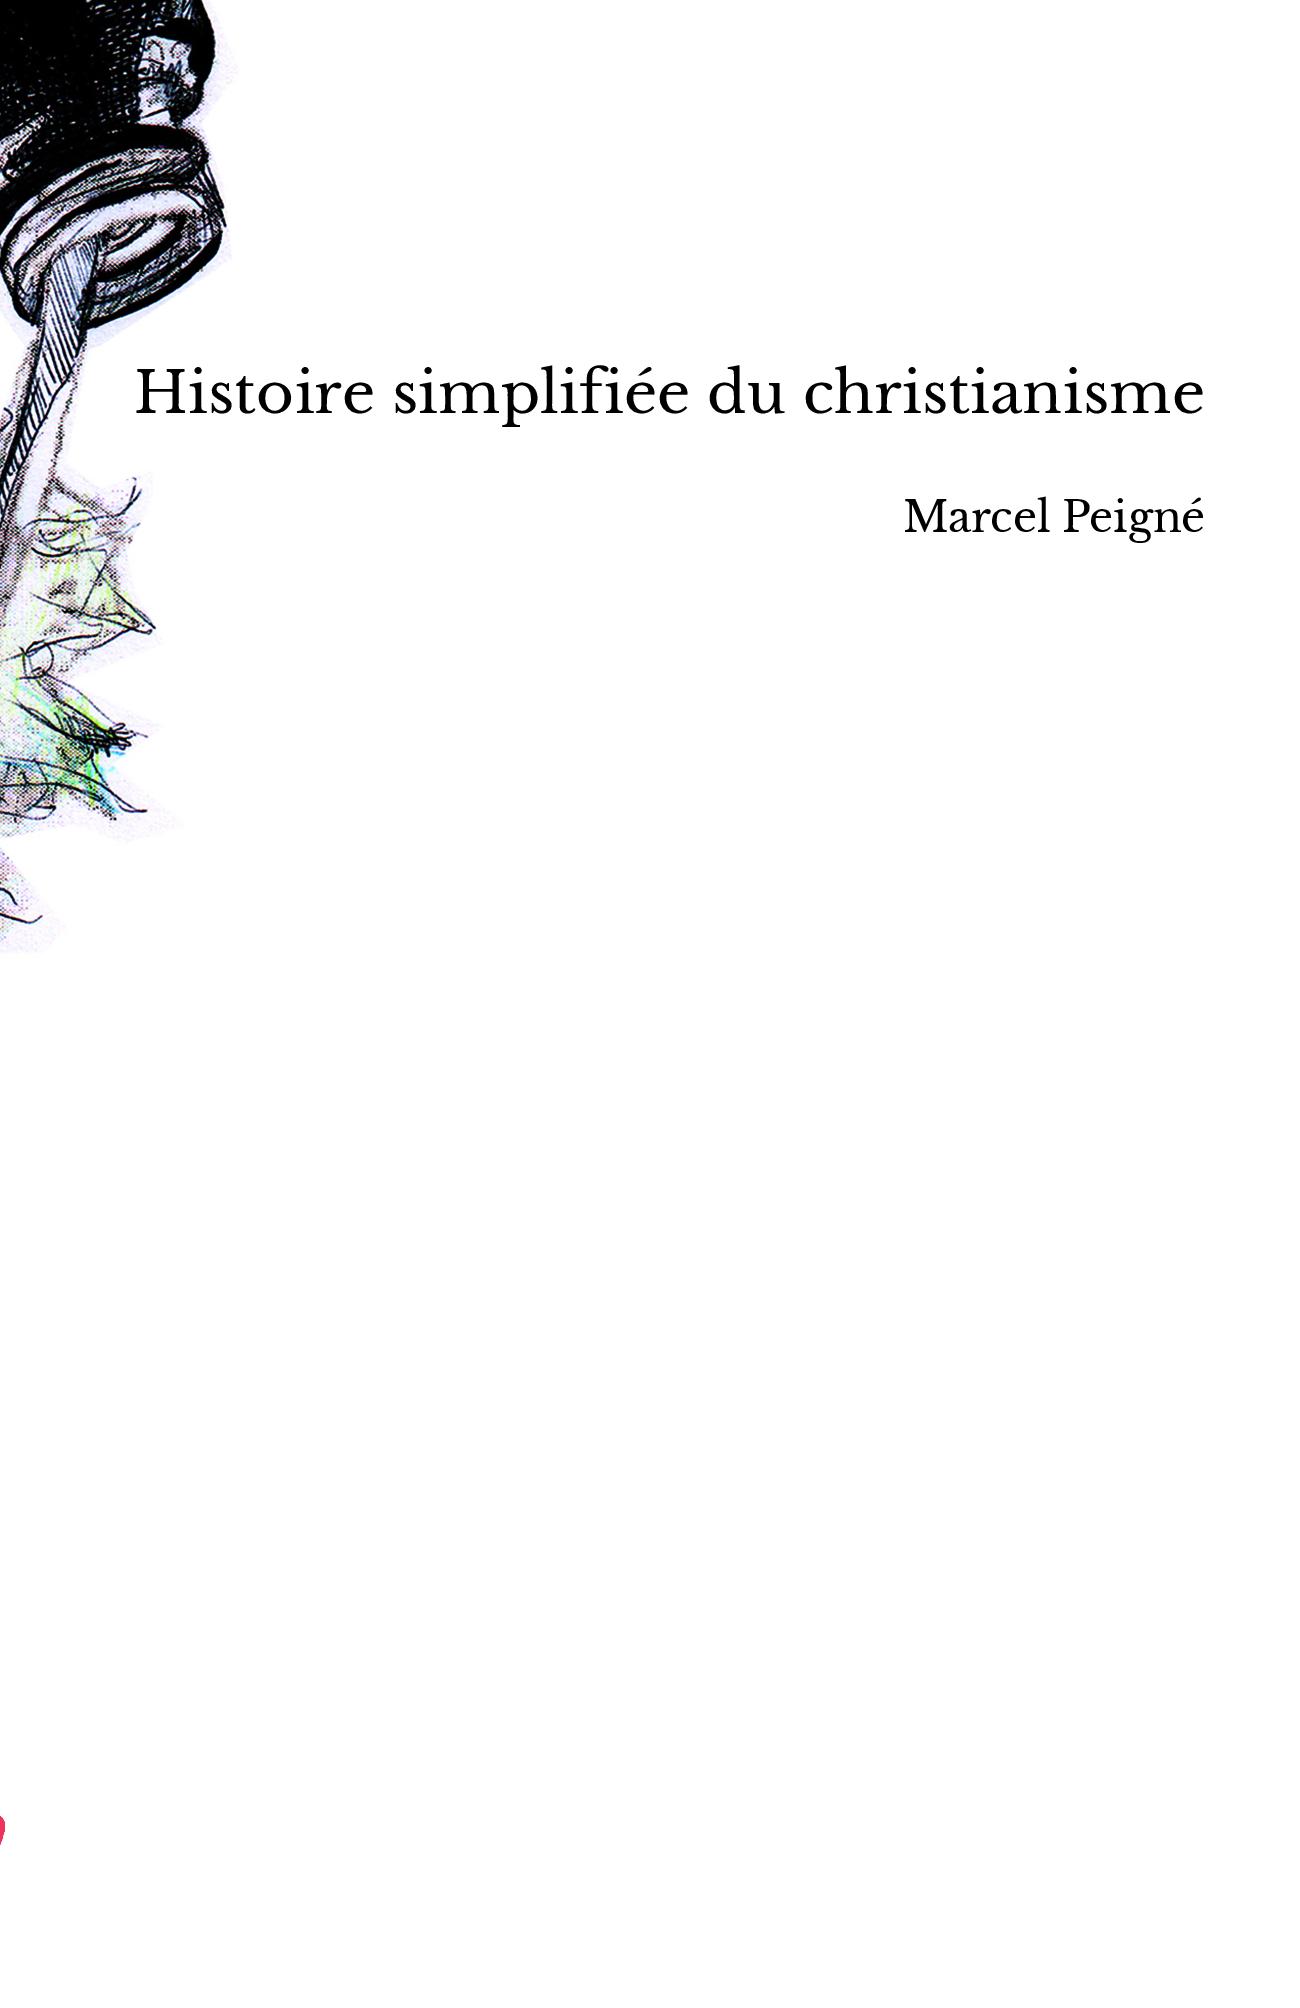 Histoire simplifiée du christianisme